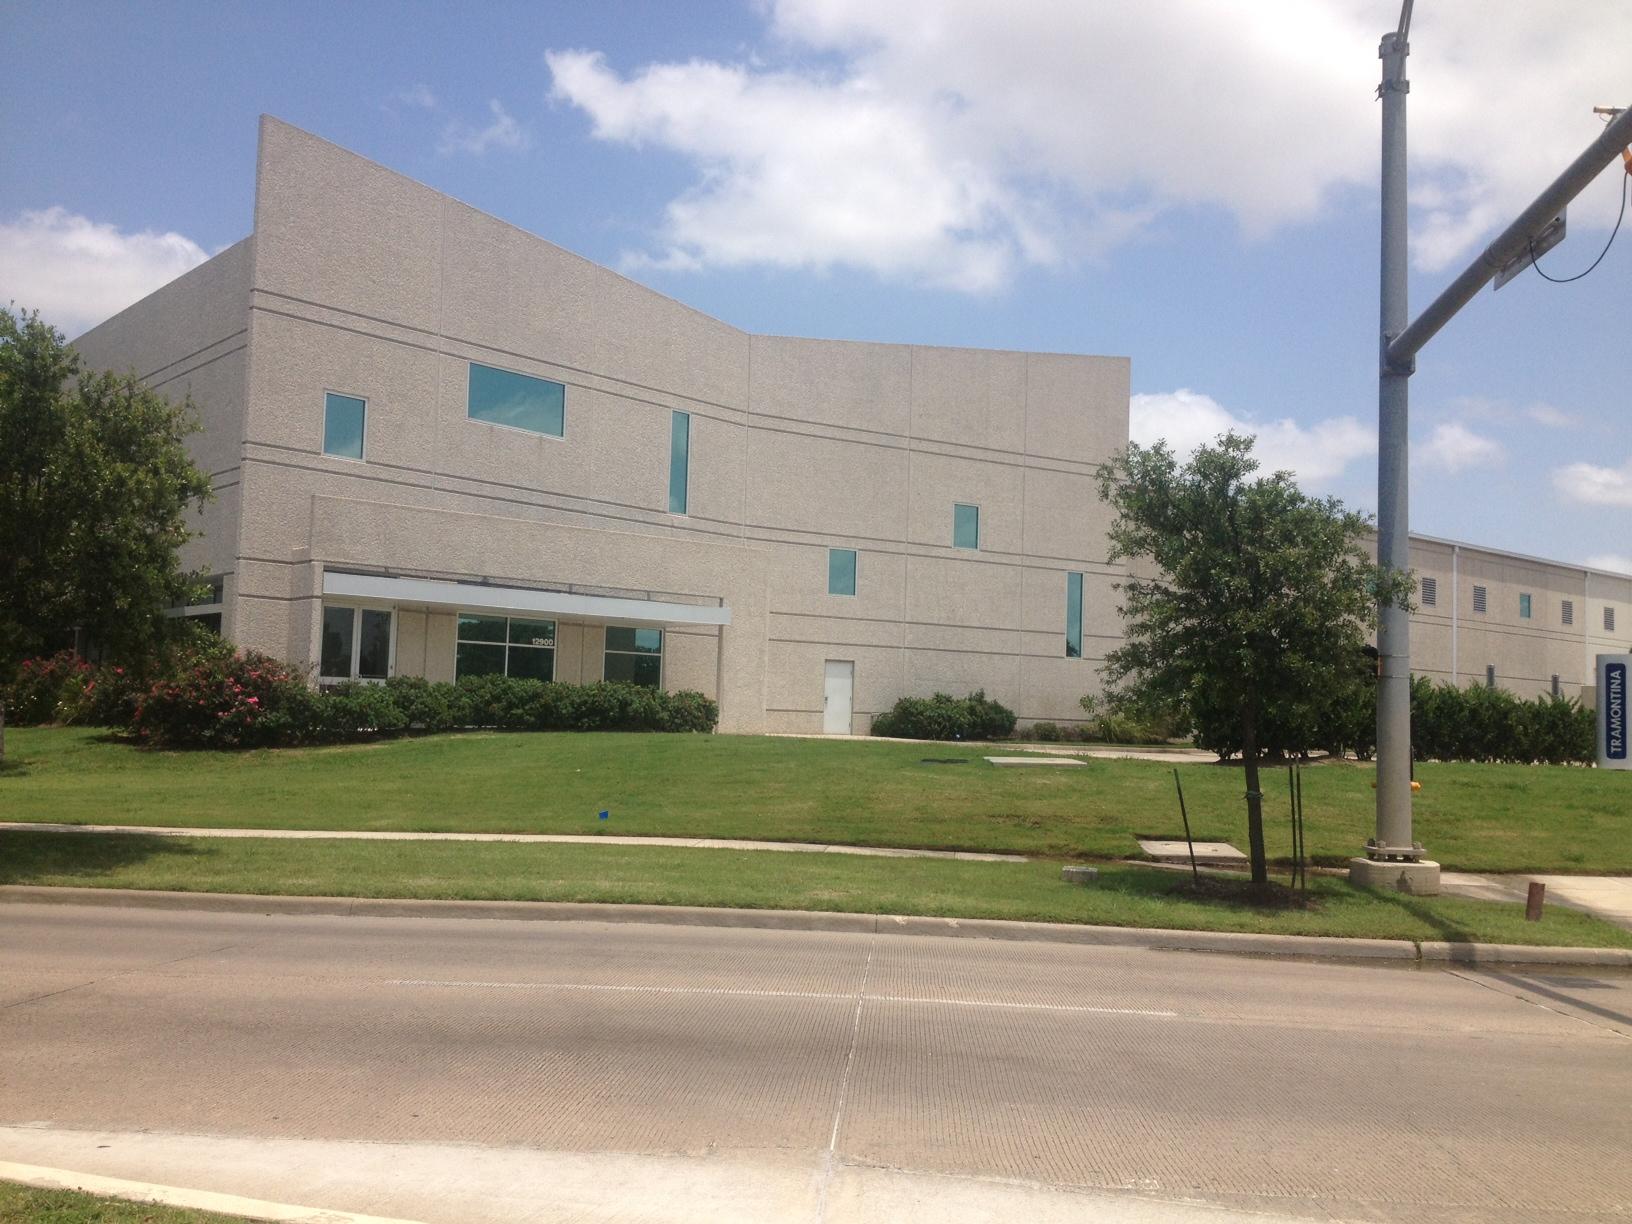 Commerce Center Houston exterior